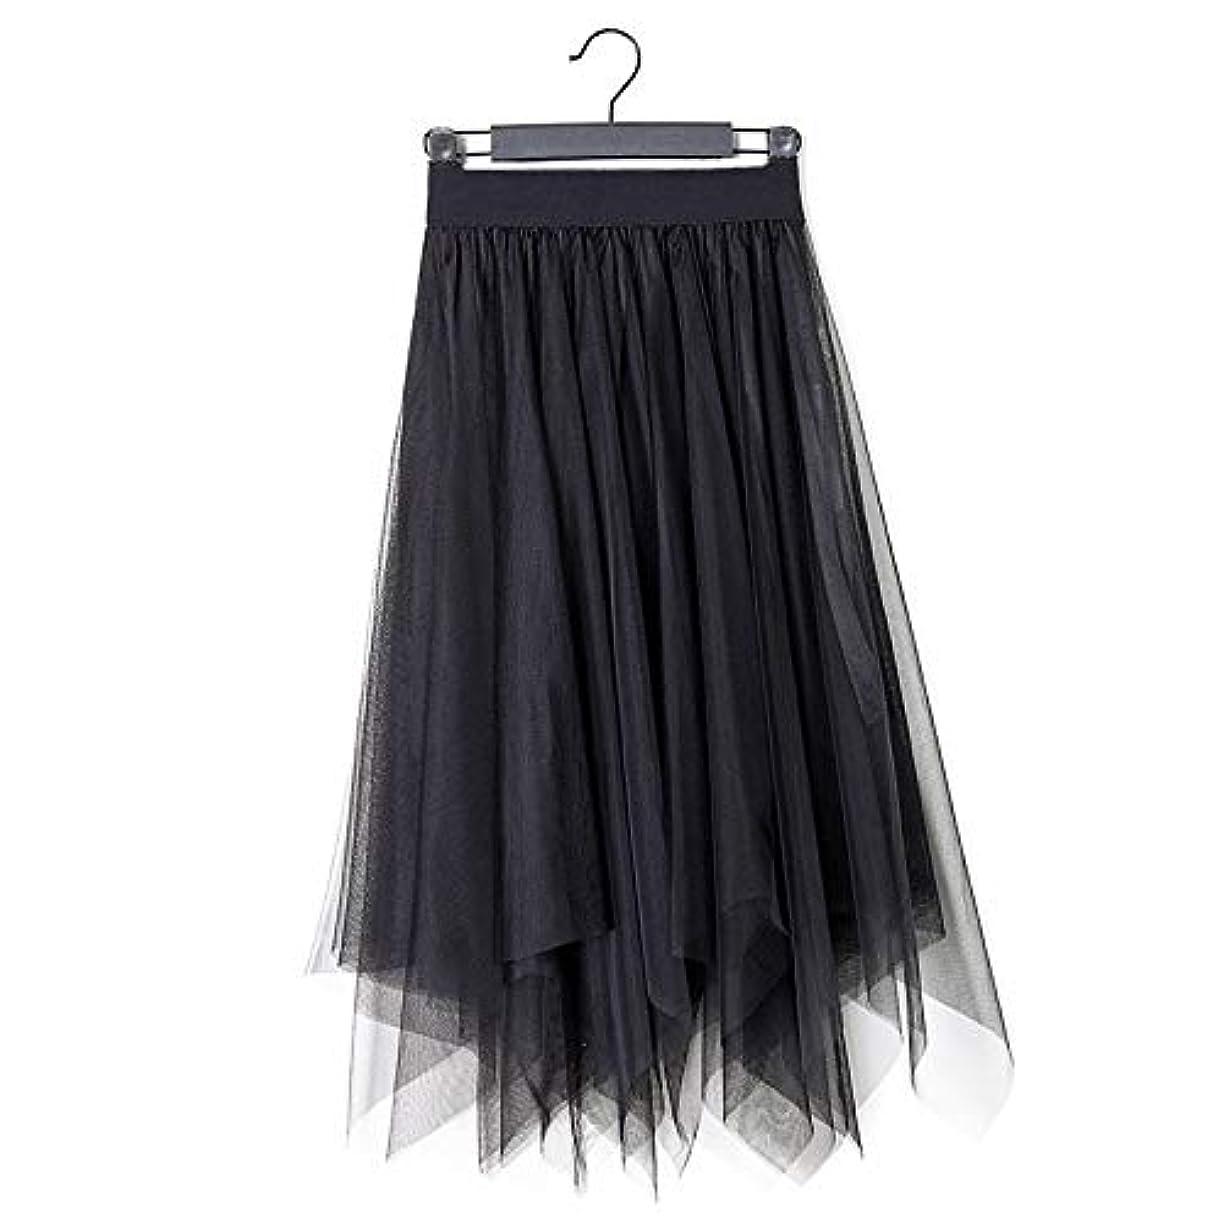 サーカスハミングバードストッキングHUBIHL スカート女性用ソリッドカラー不規則なメッシュロングスカートハイウエスト弾性ロングスカートボールガウンスカートブラック